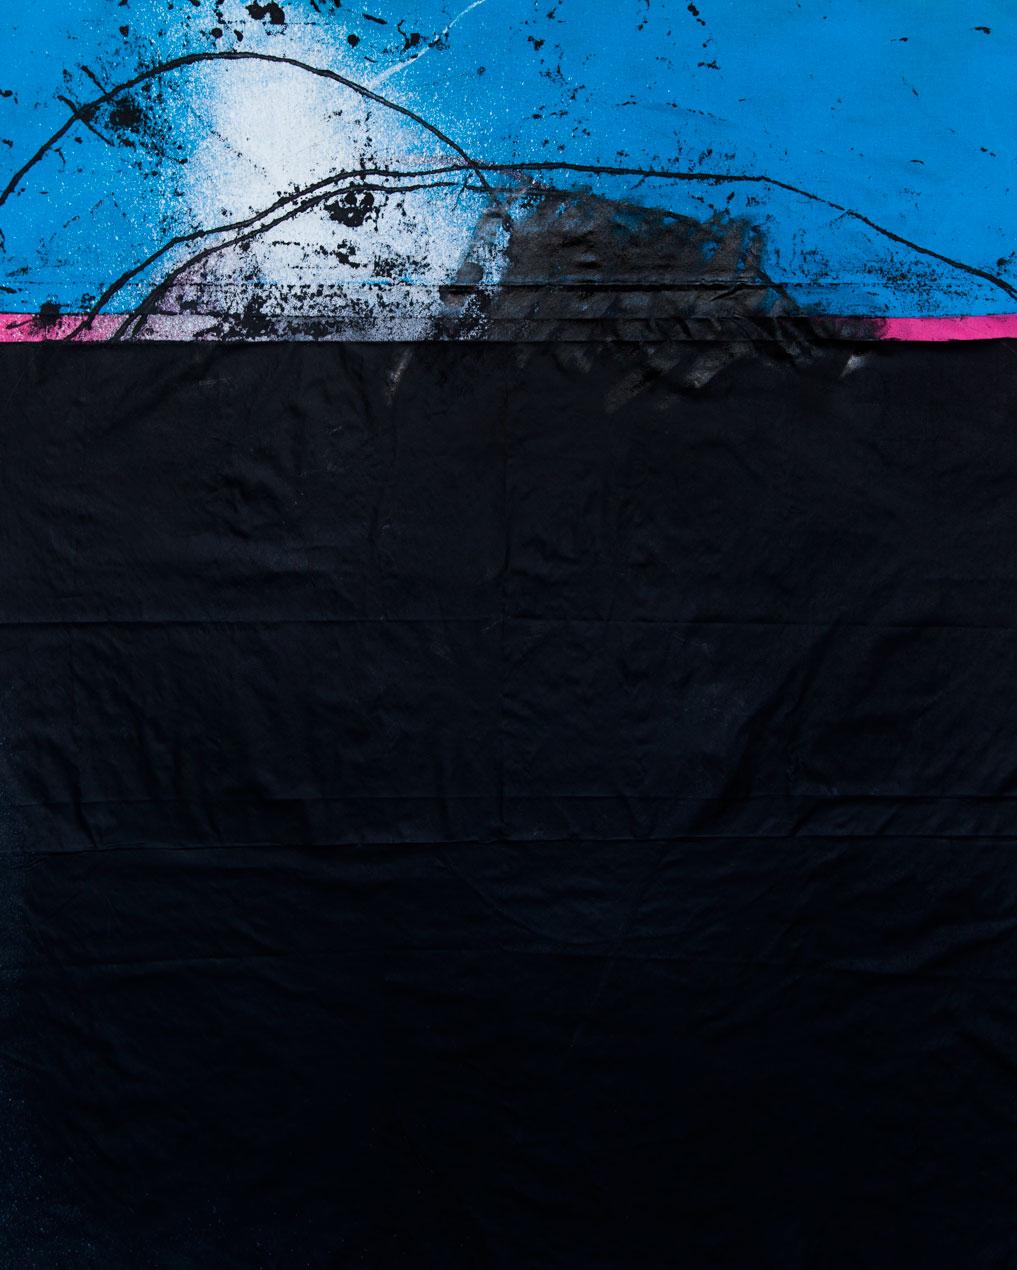 Stephane Leonard / ot / acrylic and oil on canvas / 140 x 190 cm / 2014